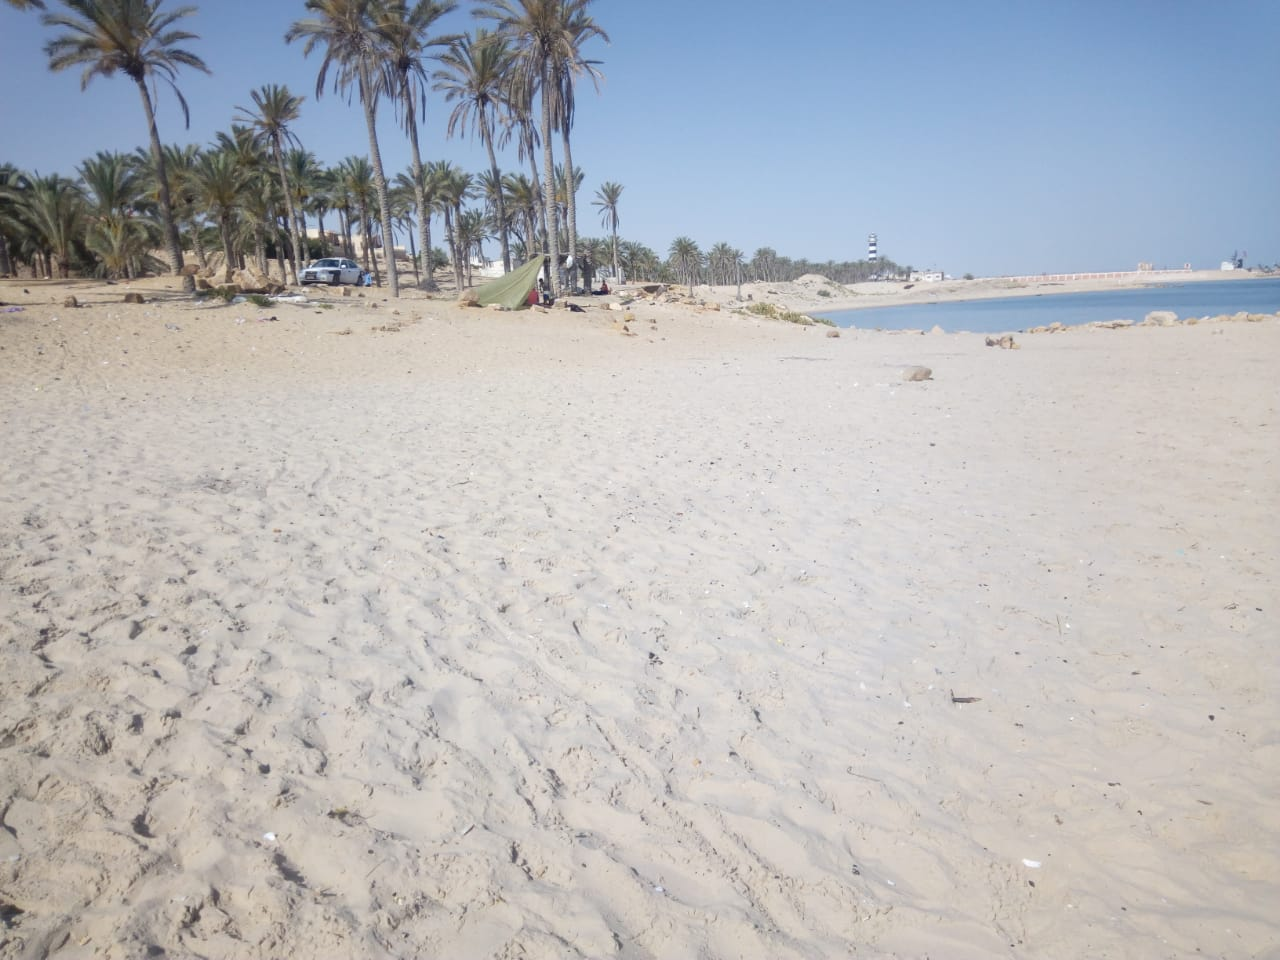 الشاطئ المستهدف